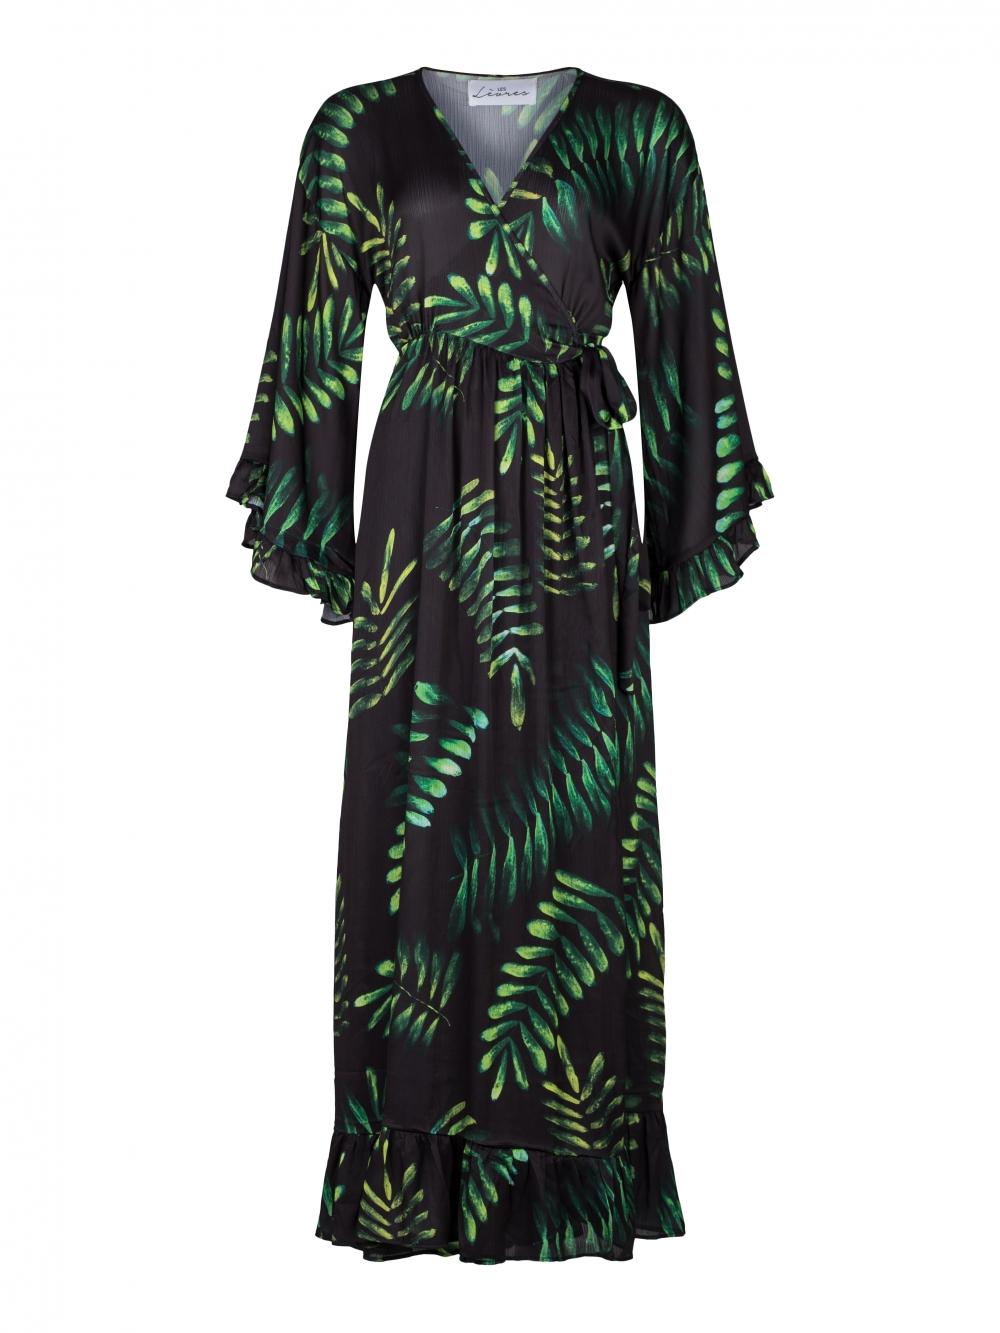 Maxiklänning Juni från Les Levres - handla i butik eller online hos Mo 0e310a508a51a